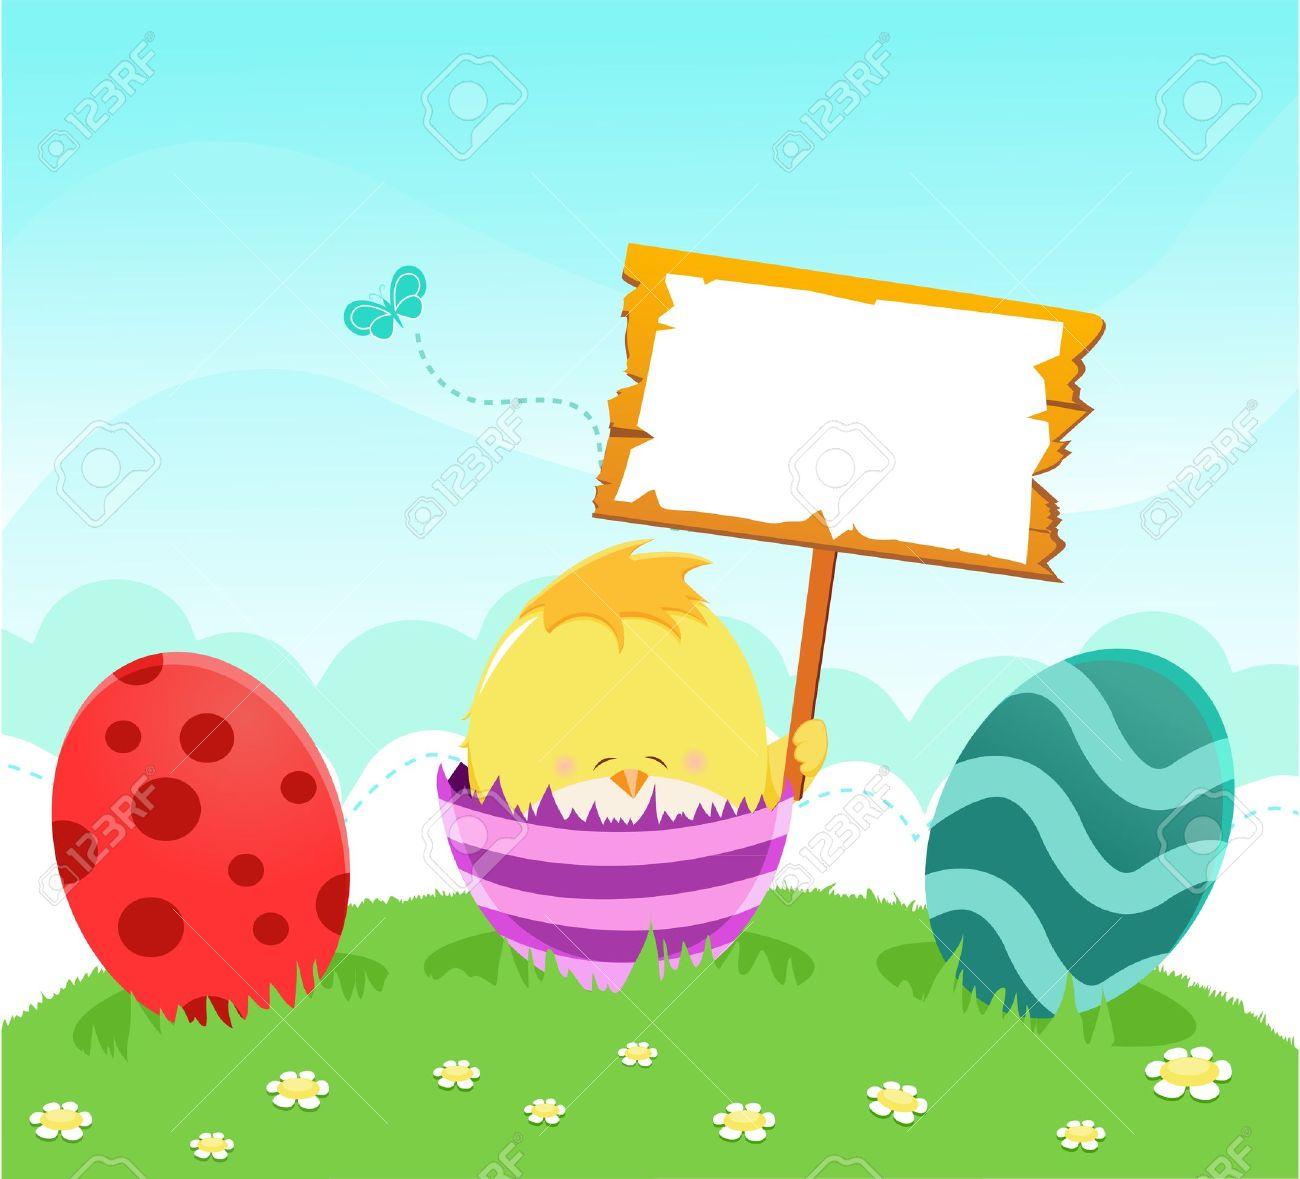 Easter egg hunt sign clipart banner freeuse Easter Egg Hunt Clipart Photo Album - Reikian banner freeuse